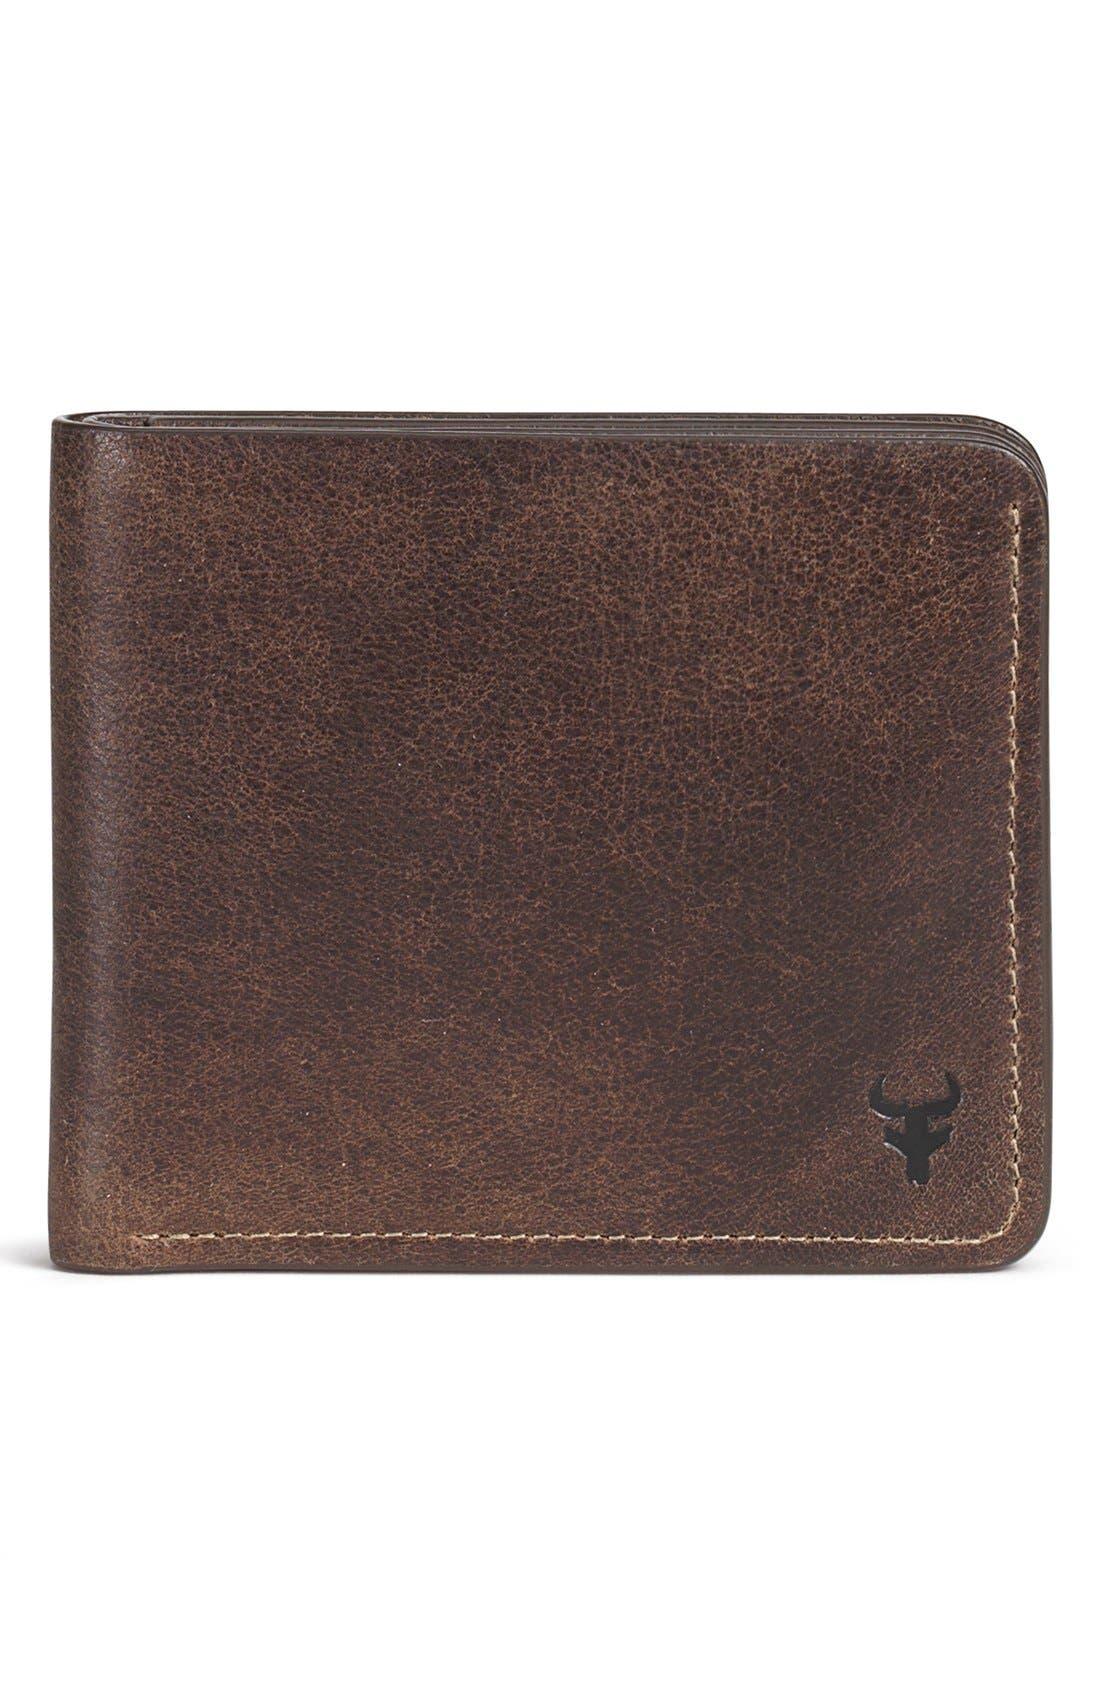 'Jackson' Slimfold Bison Leather Wallet,                         Main,                         color, Walnut